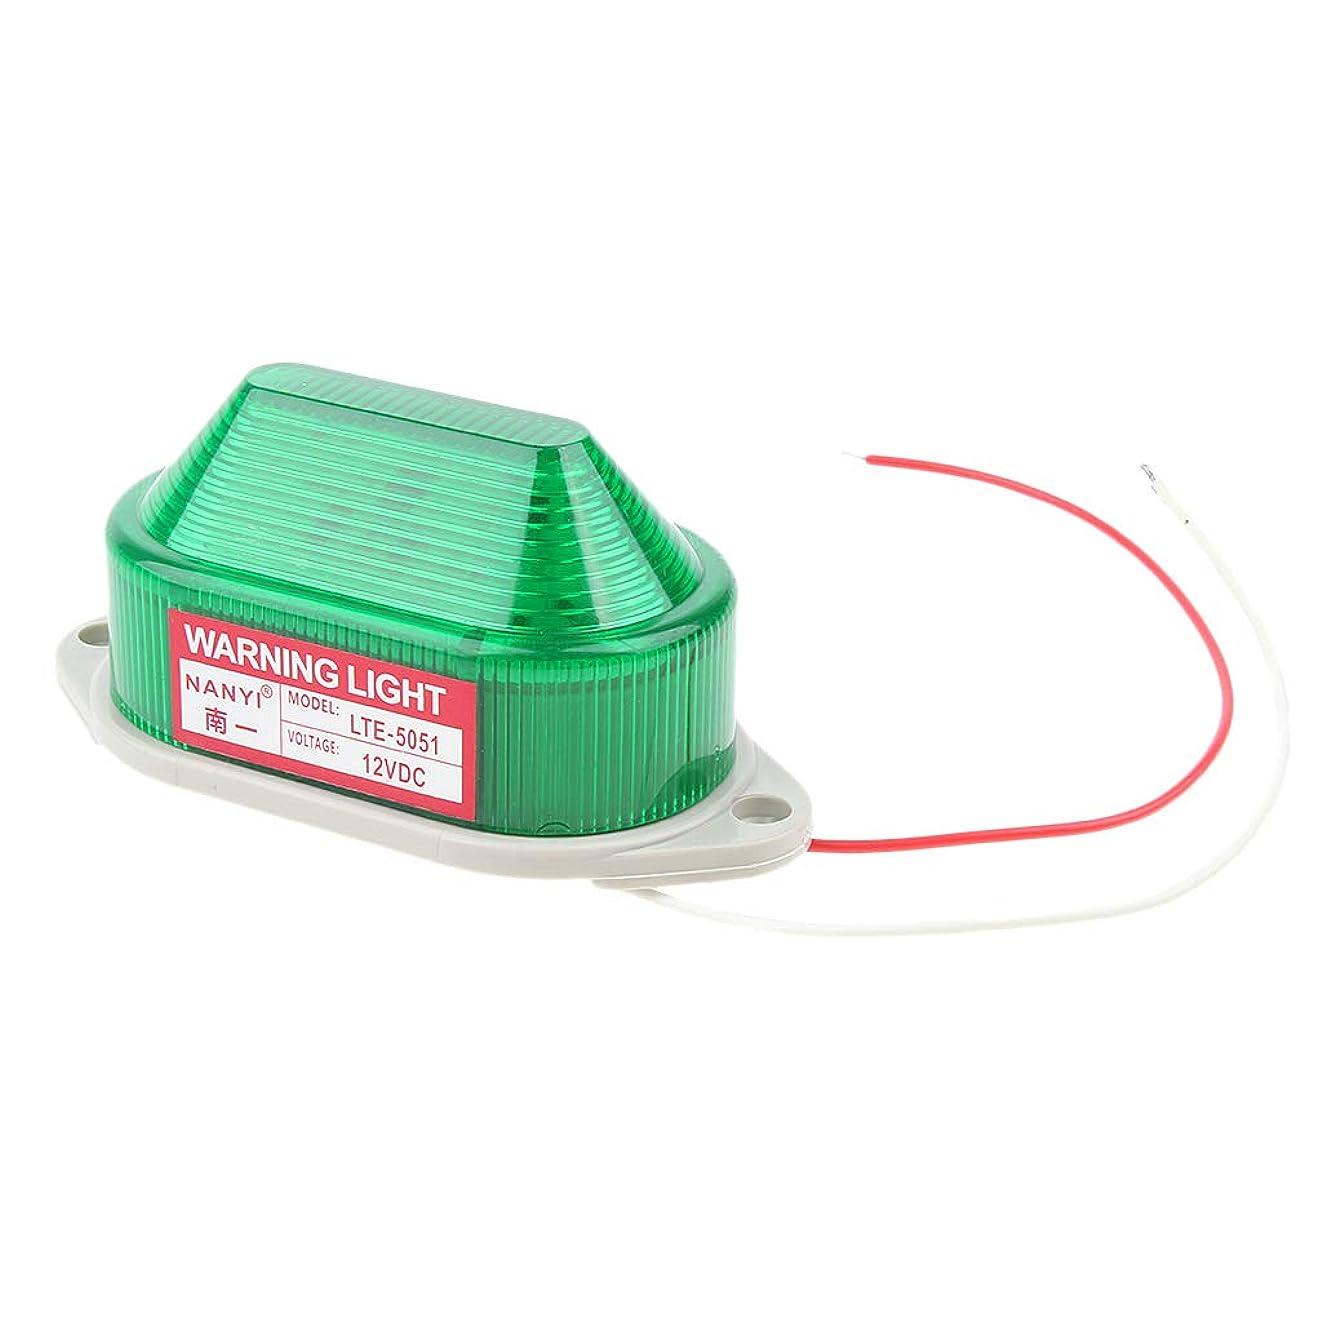 レスリングレイアウトベックスAlmencla 警告灯 警告灯信号 ストロボ 緊急事態 産業 工場 12V 緑